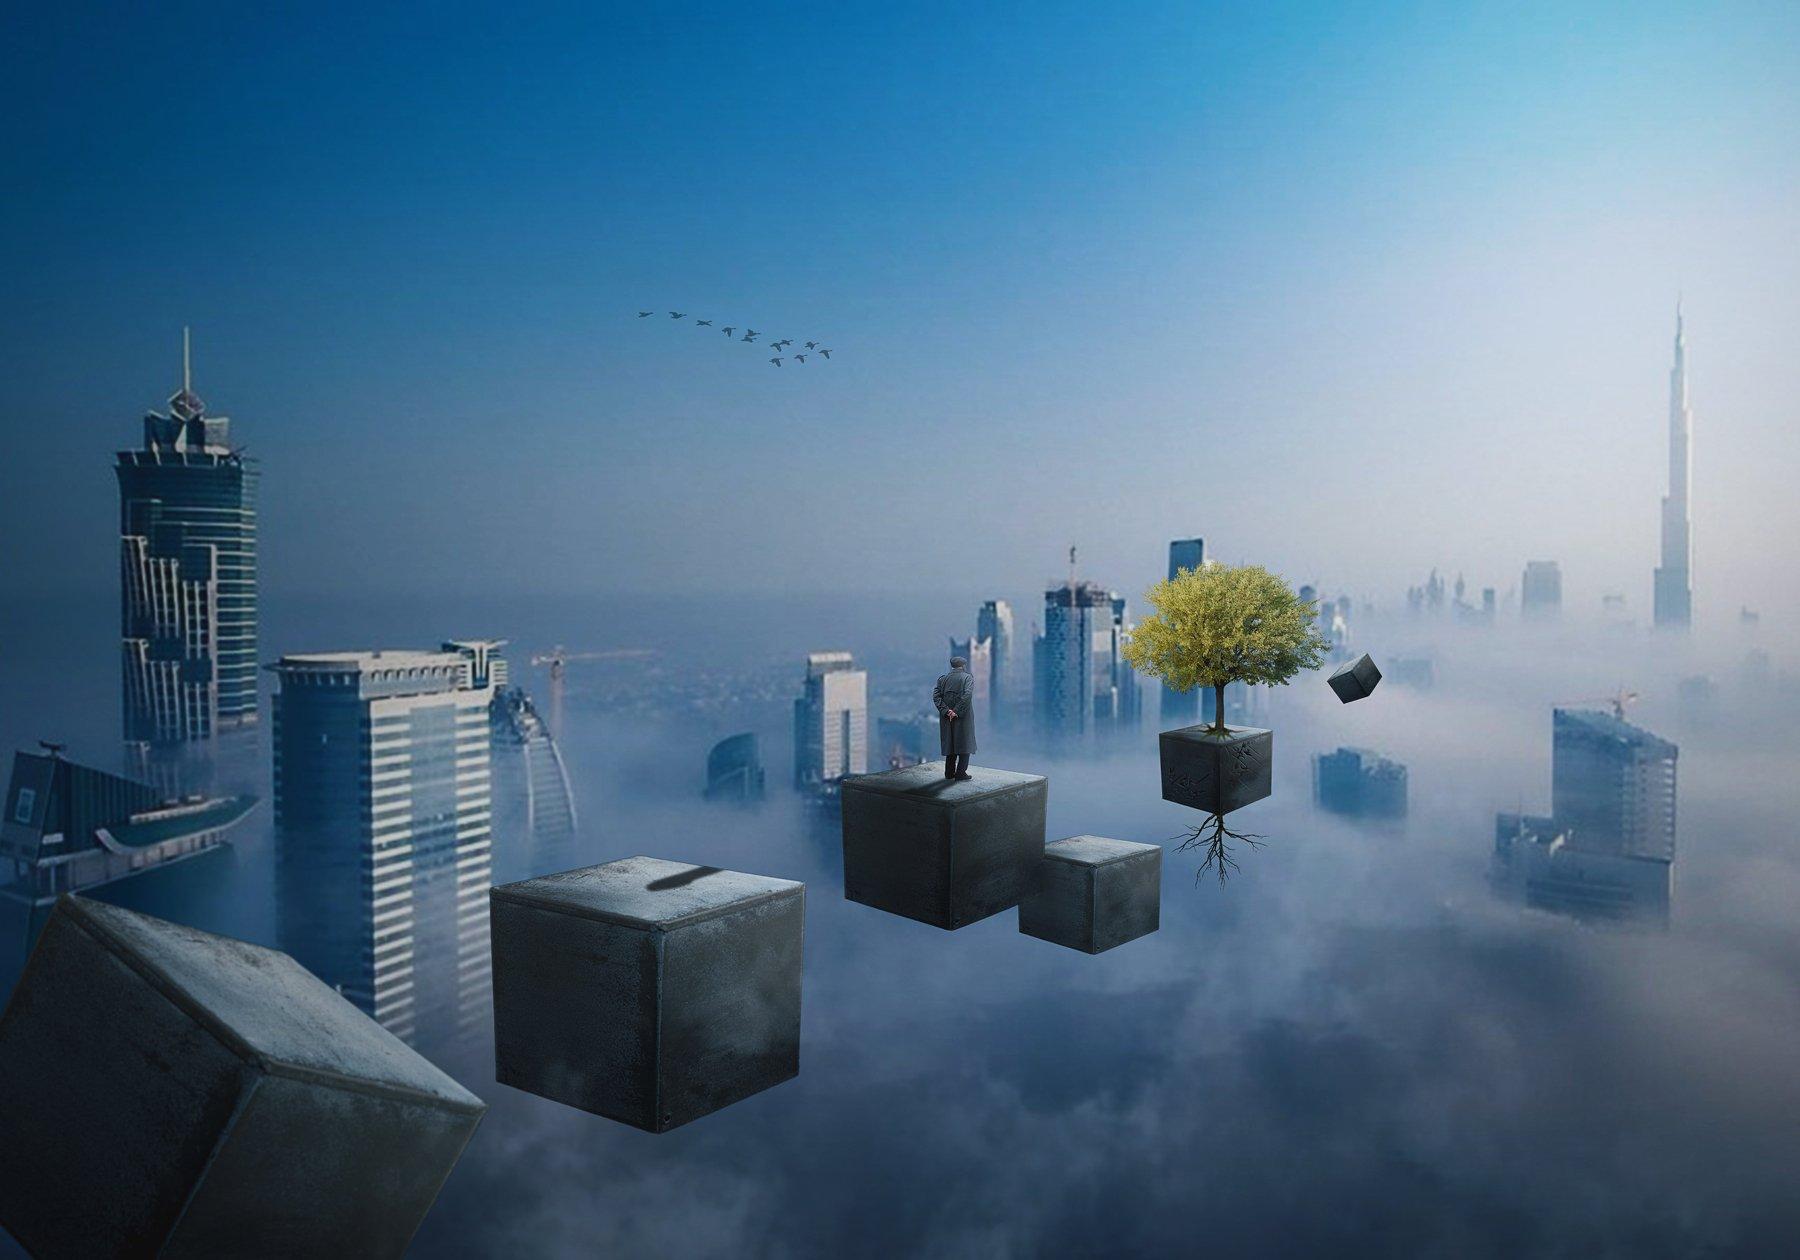 облака, старик, высотки, ящик, дерево, Sergii Vidov